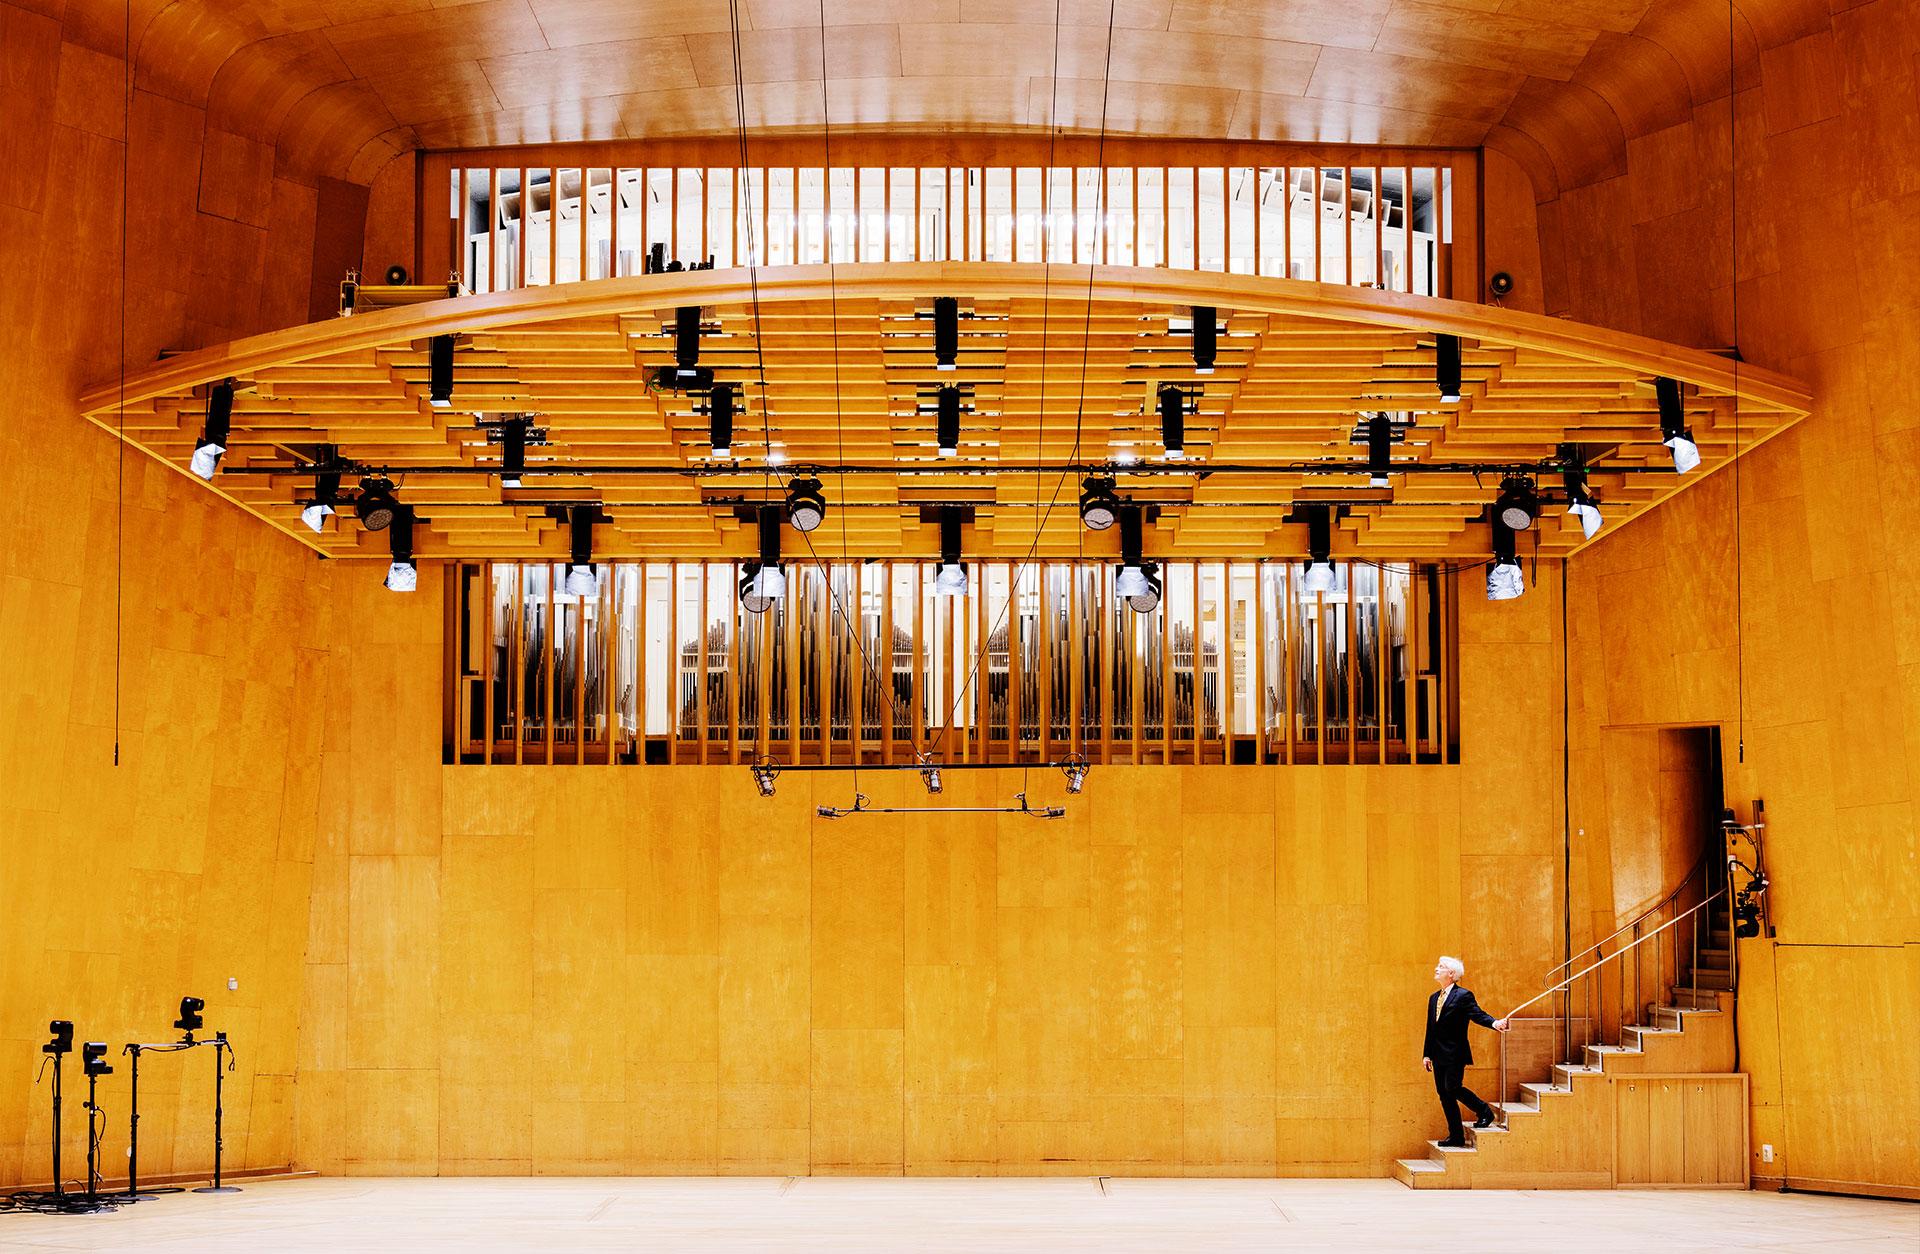 Hams Davidsson står på Podiet och tittar upp mot orgelluckorna. Han ser väldigt liten ut.